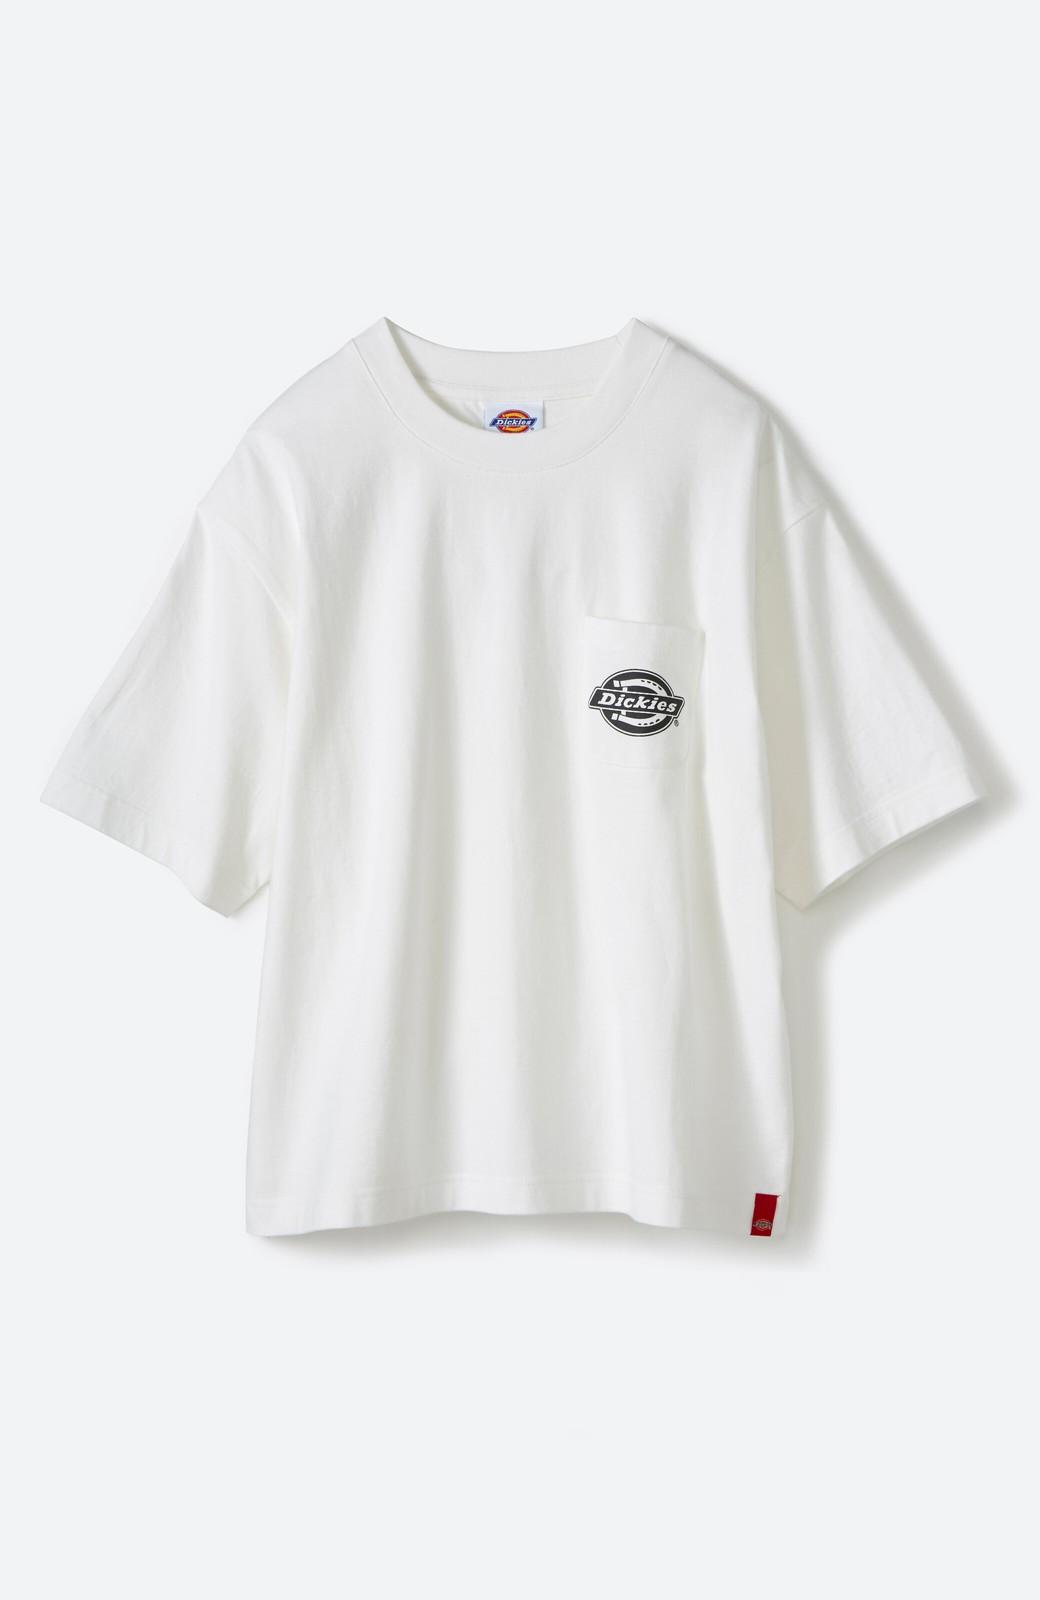 haco! Dickies 別注 ゆったり着られてちょうどいい ロゴプリントポケットTシャツ <ホワイト>の商品写真1